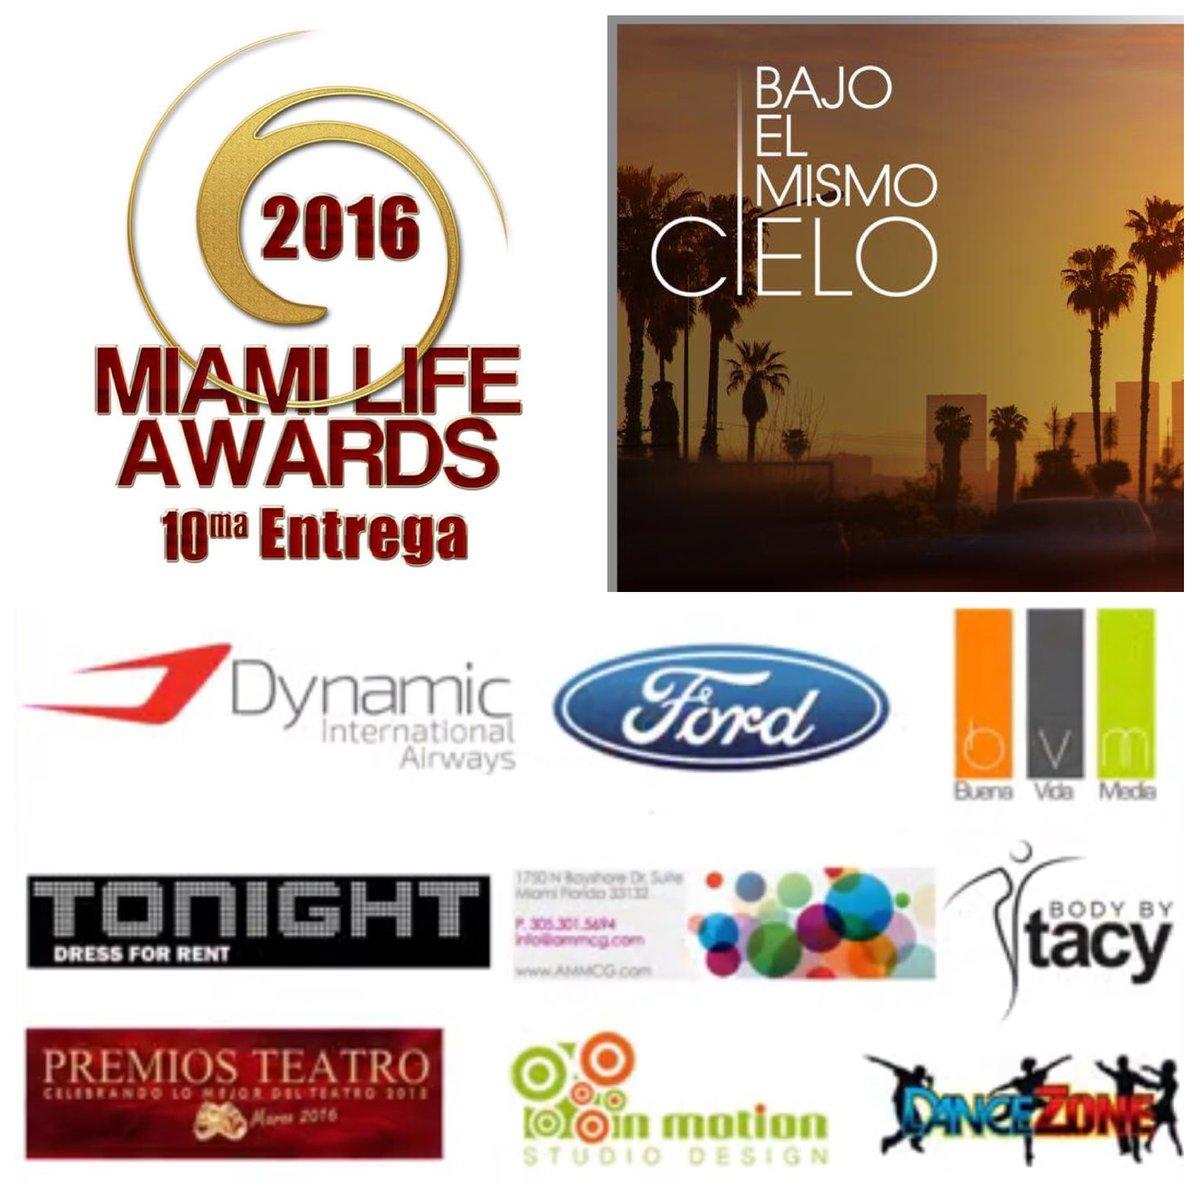 #MiamiLifeAwards 10ma Entrega - Telenovela del Año gana  #BajoElMismoCielo @Telemundo @Gabriel_Porras @MariaECamargo https://t.co/UAOmVP80Na